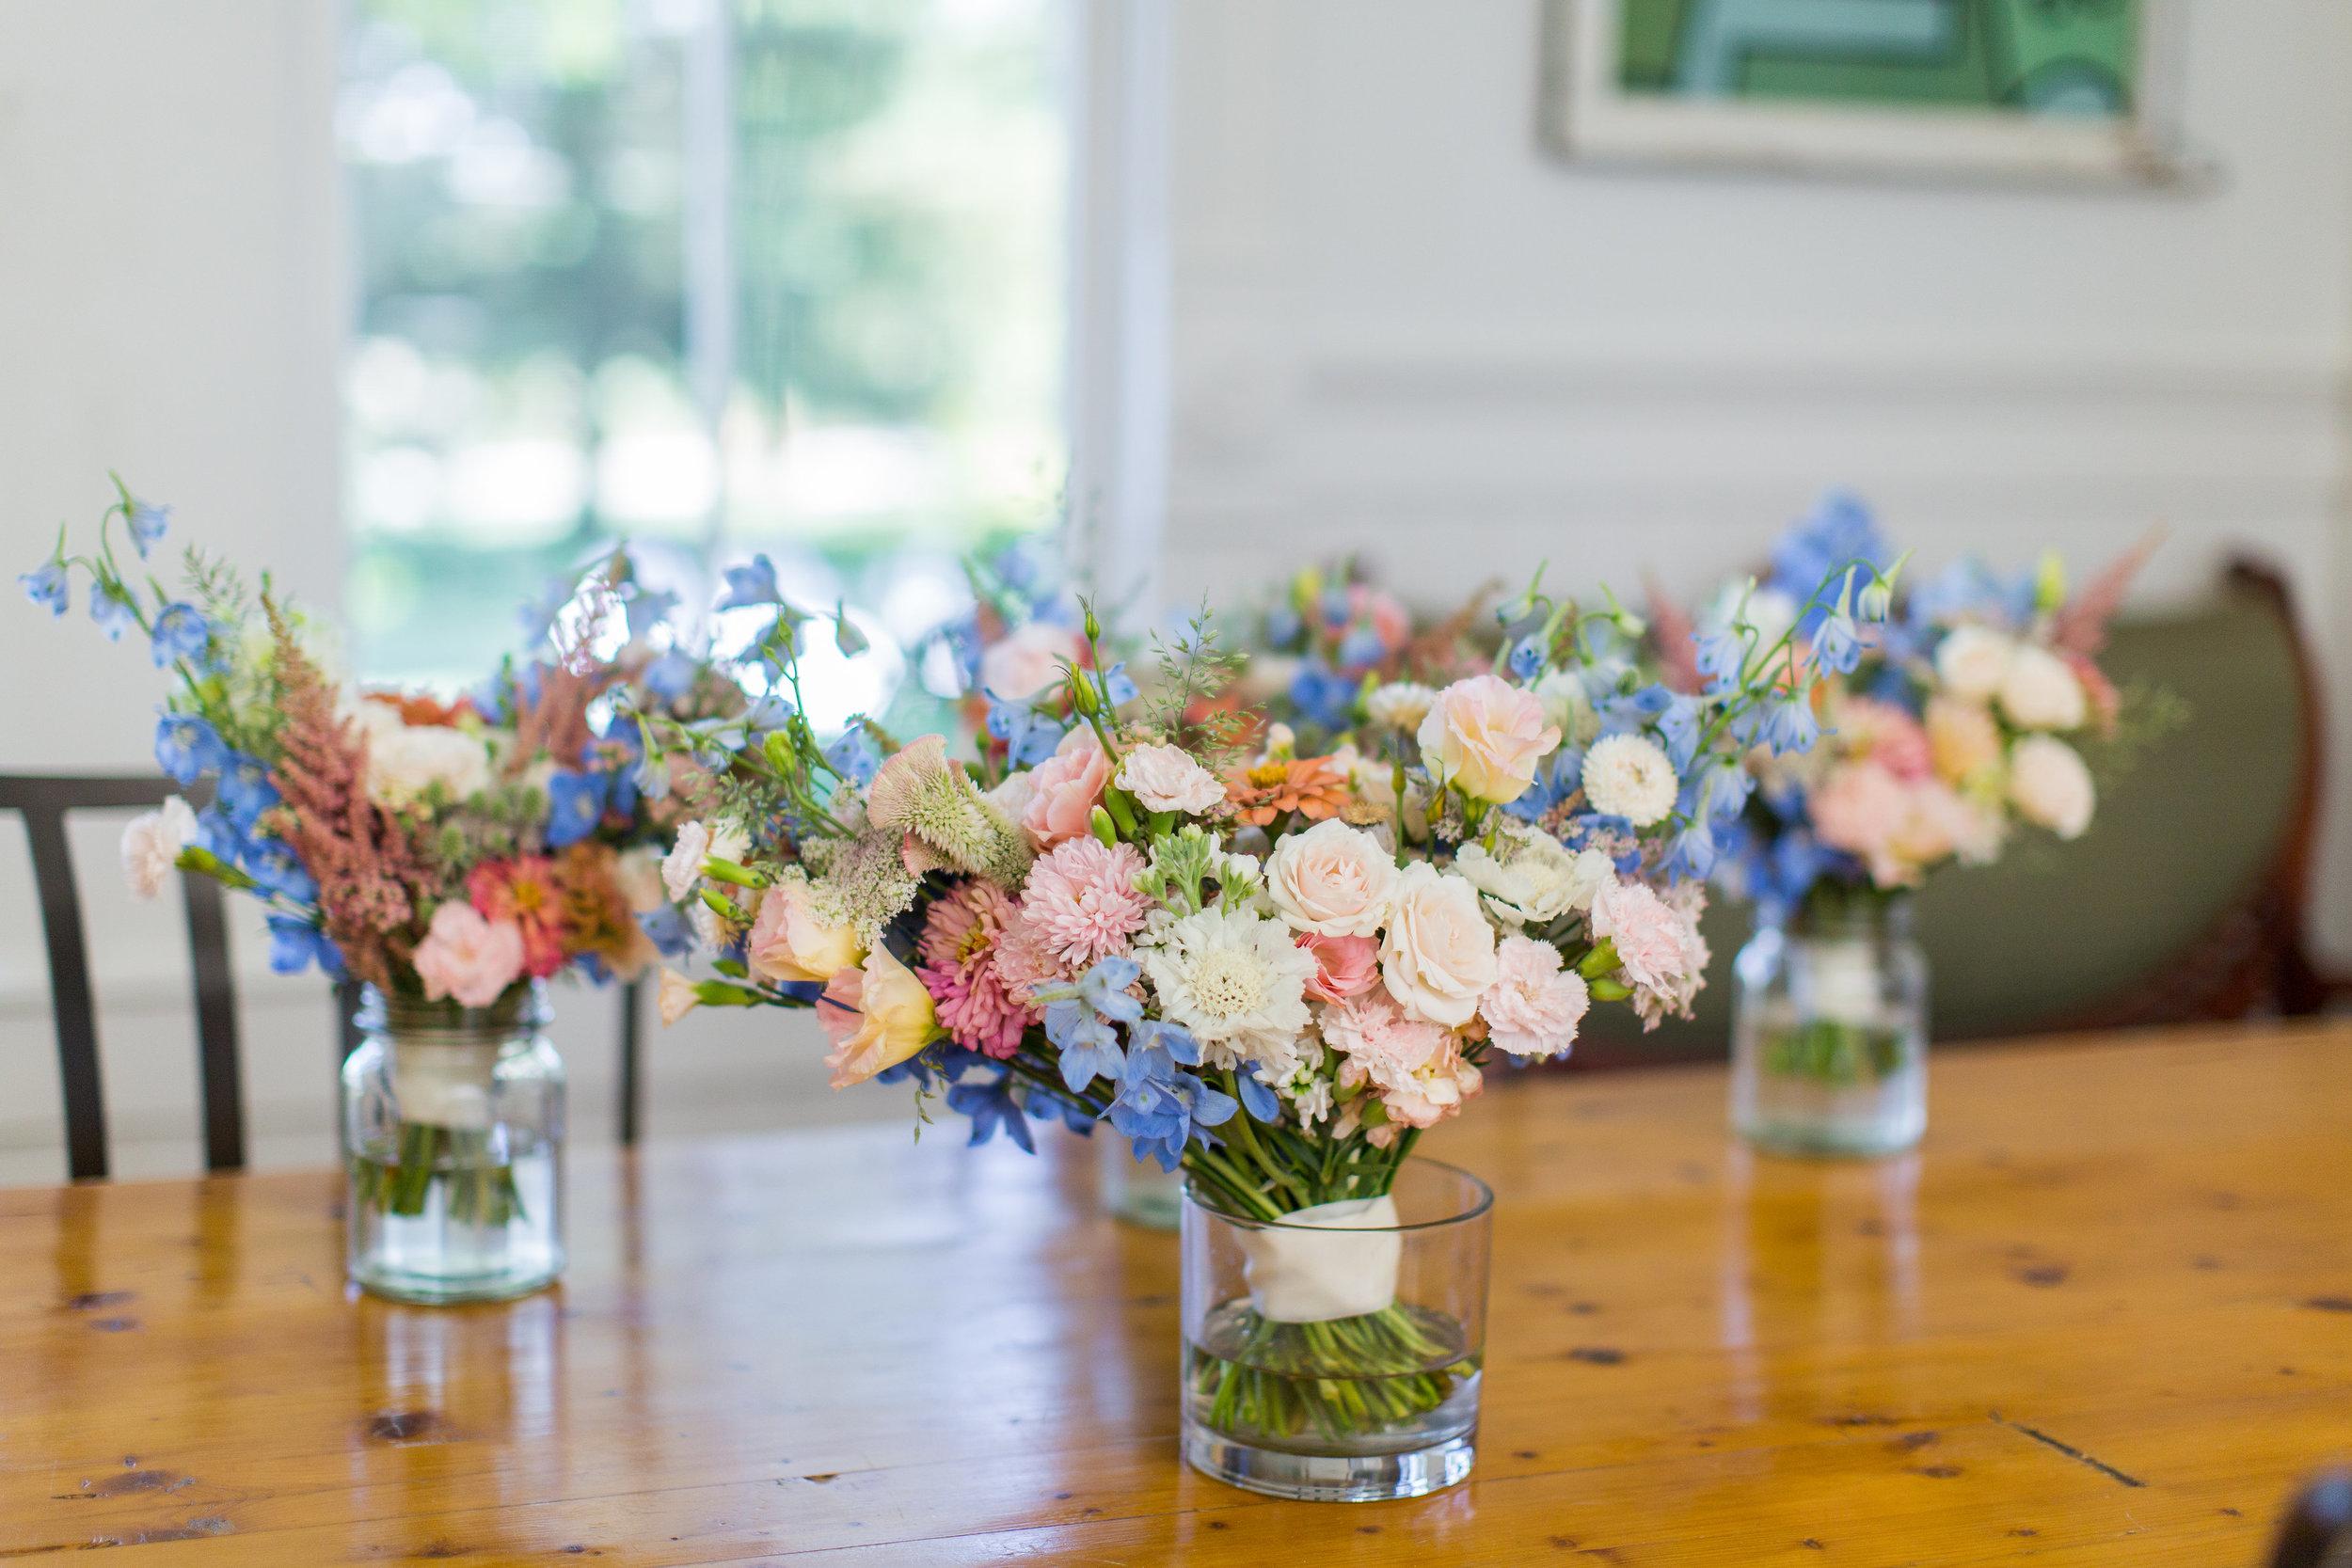 pastel_bridesmaid_bouquets.jpg